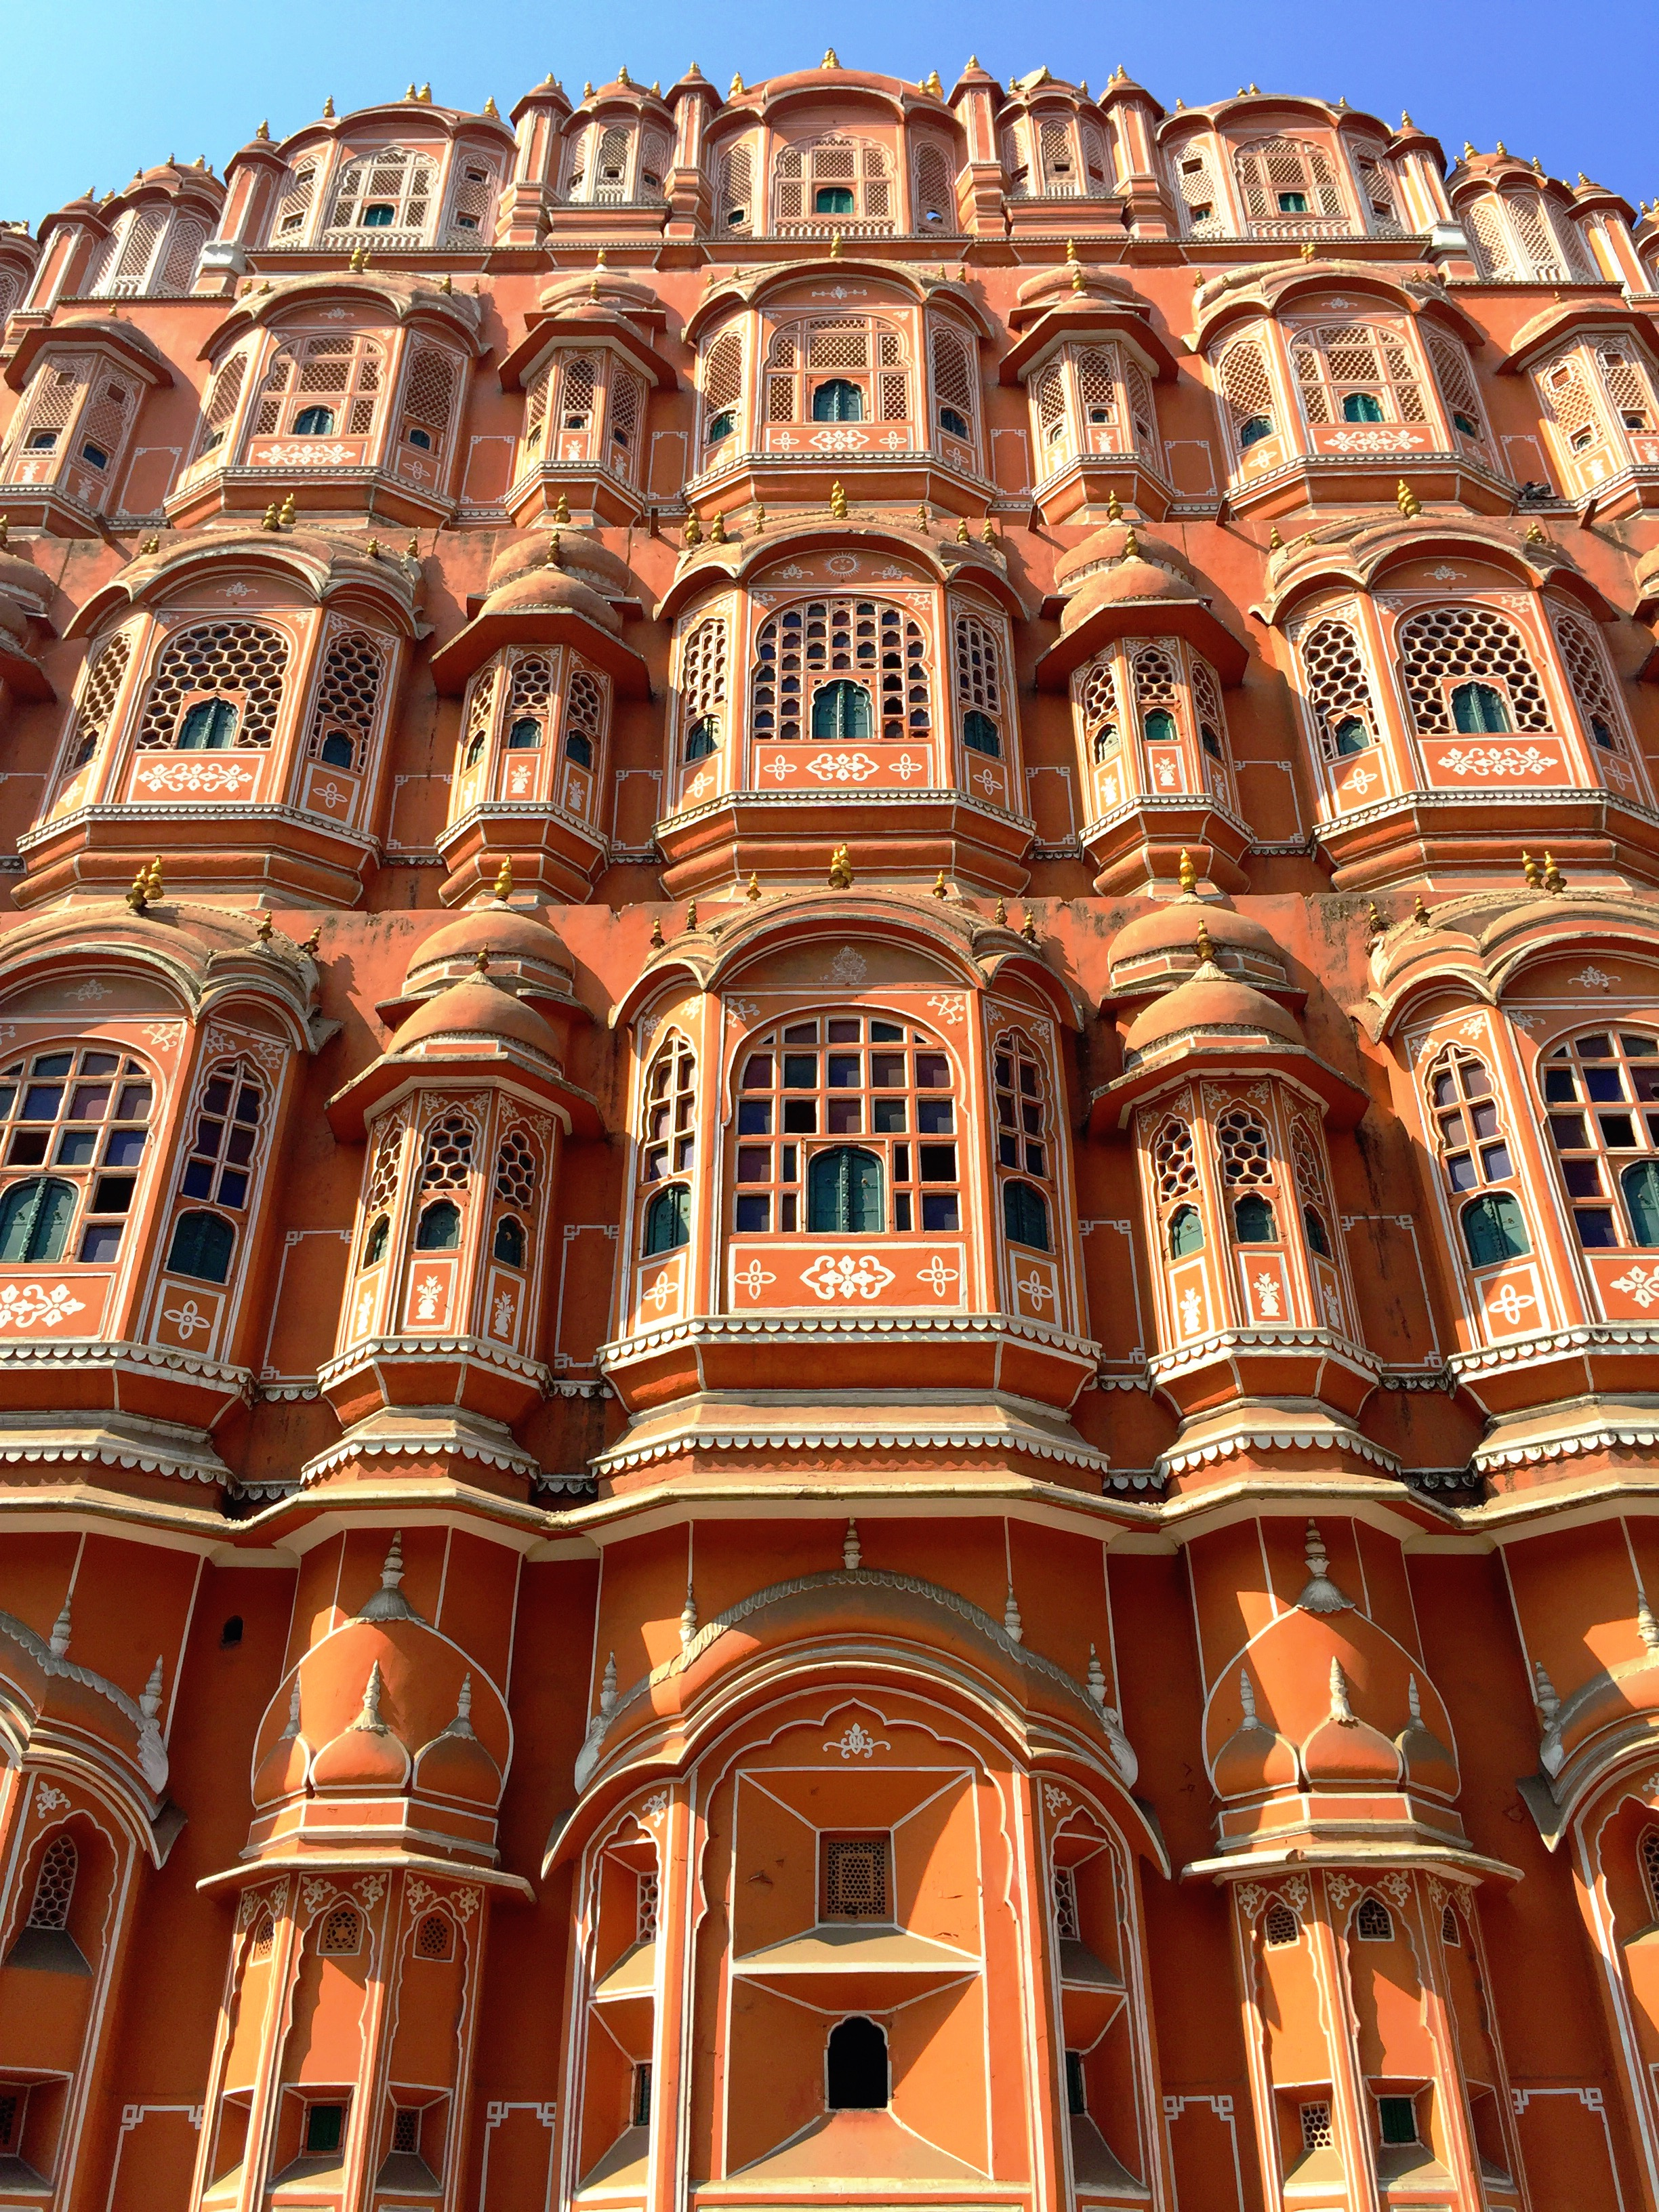 Hawa Mahal - Palace of Winds, Jaipur, India